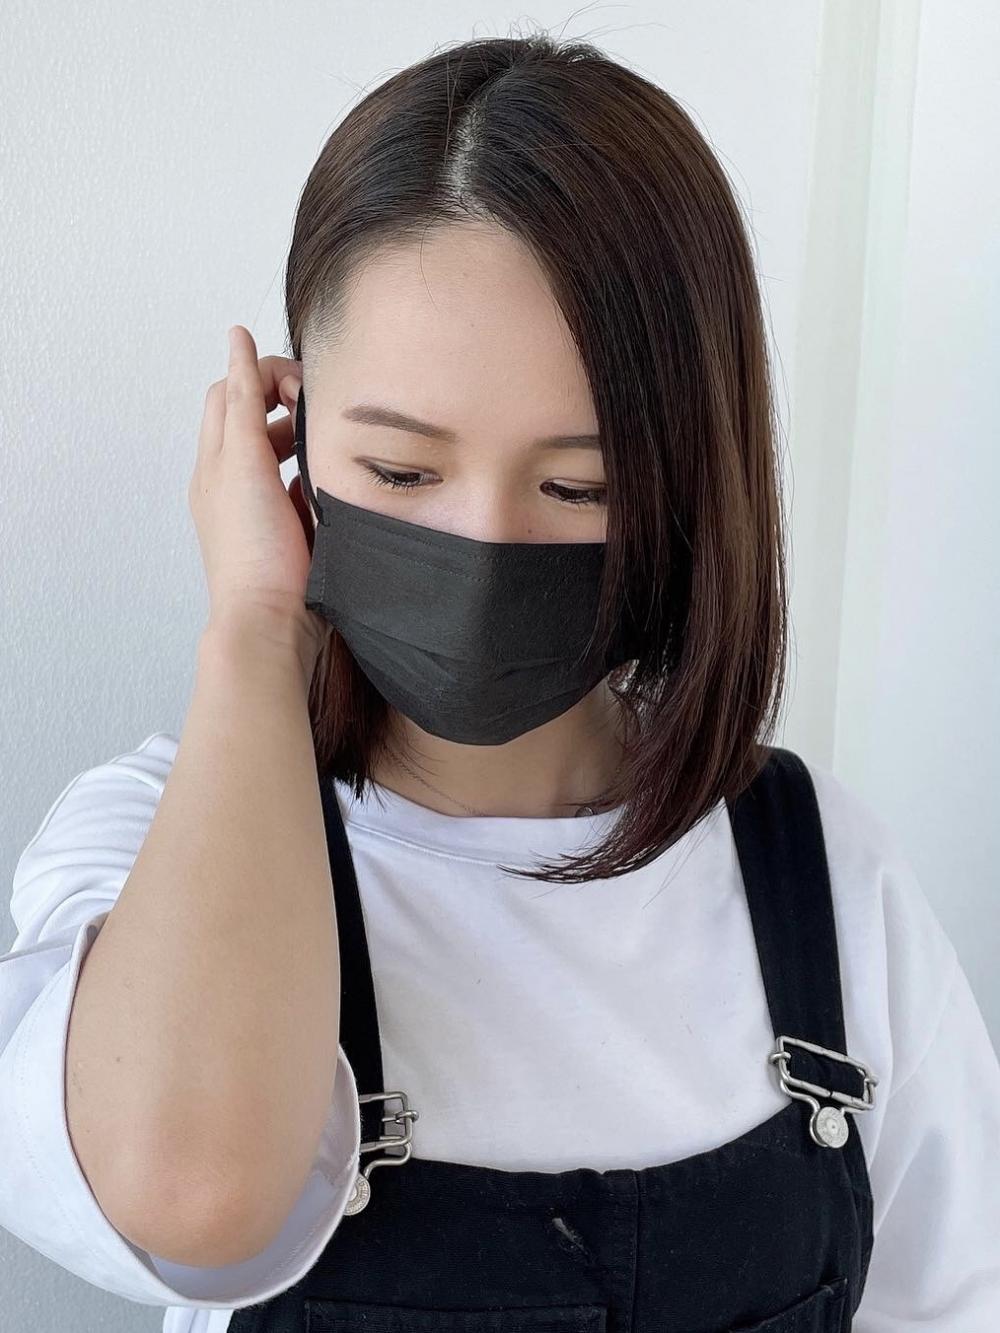 【MICHI 富田店 古作蓮】刈り上げボブ